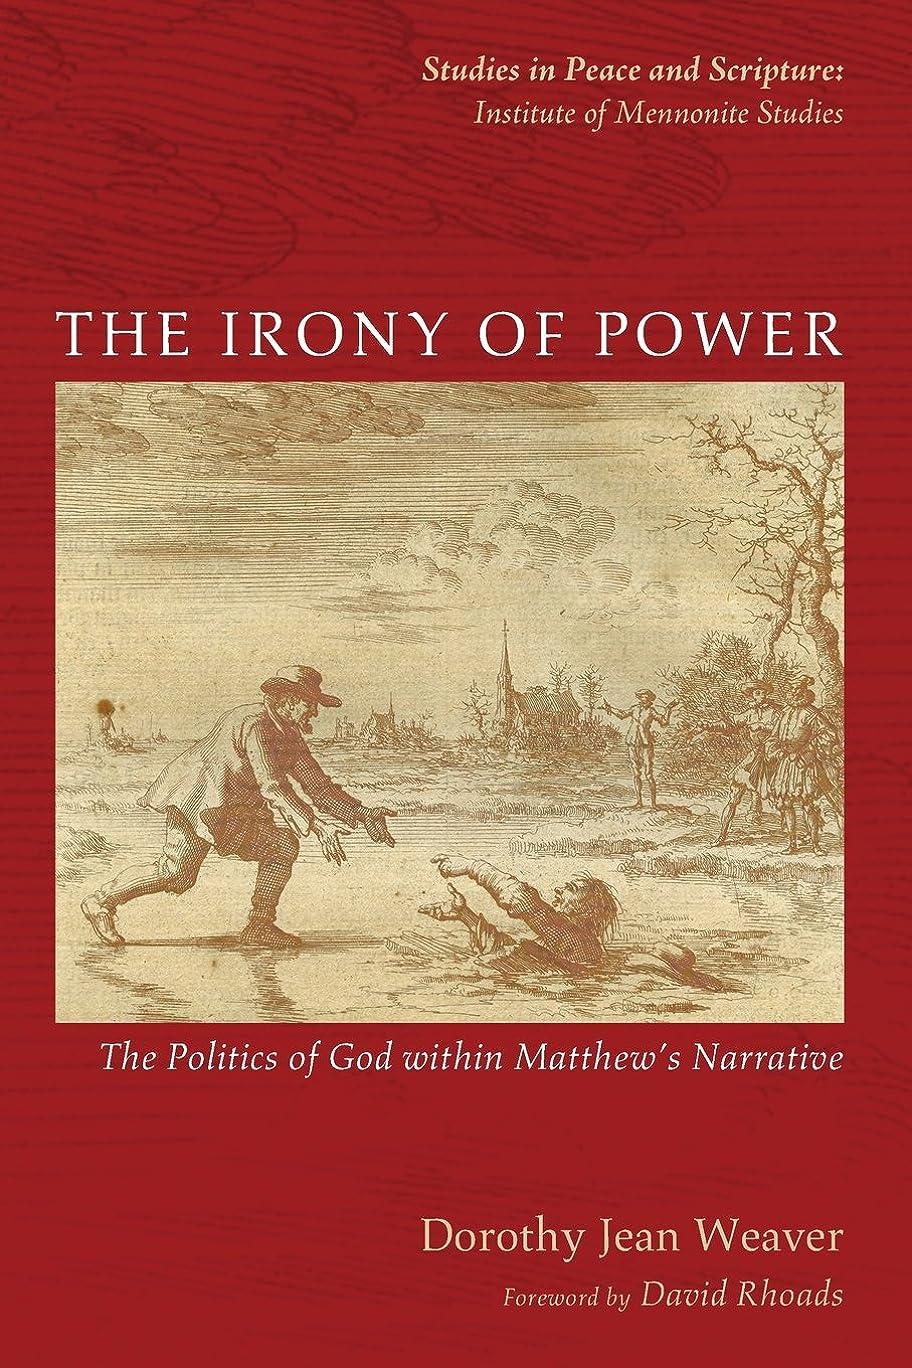 スロープスリップ敵The Irony of Power: The Politics of God Within Matthew's Narrative (Studies in Peace and Scripture: Institute of Mennonite Studies)